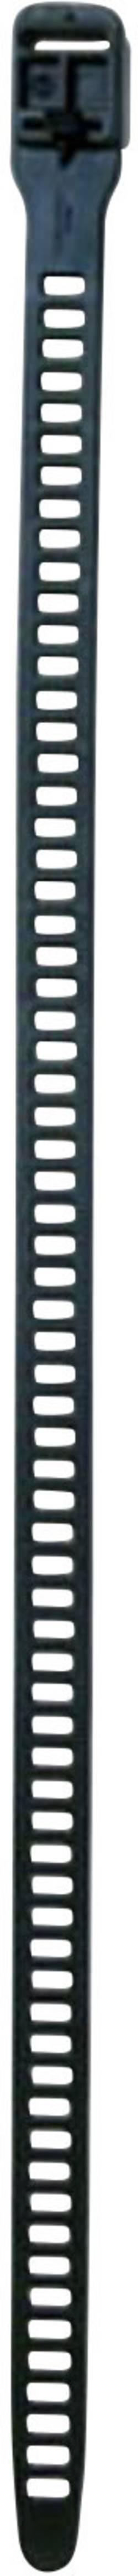 Serre-câbles 28 mm x 580 mm noir HellermannTyton 115-28590 sans crantage 3 pc(s)